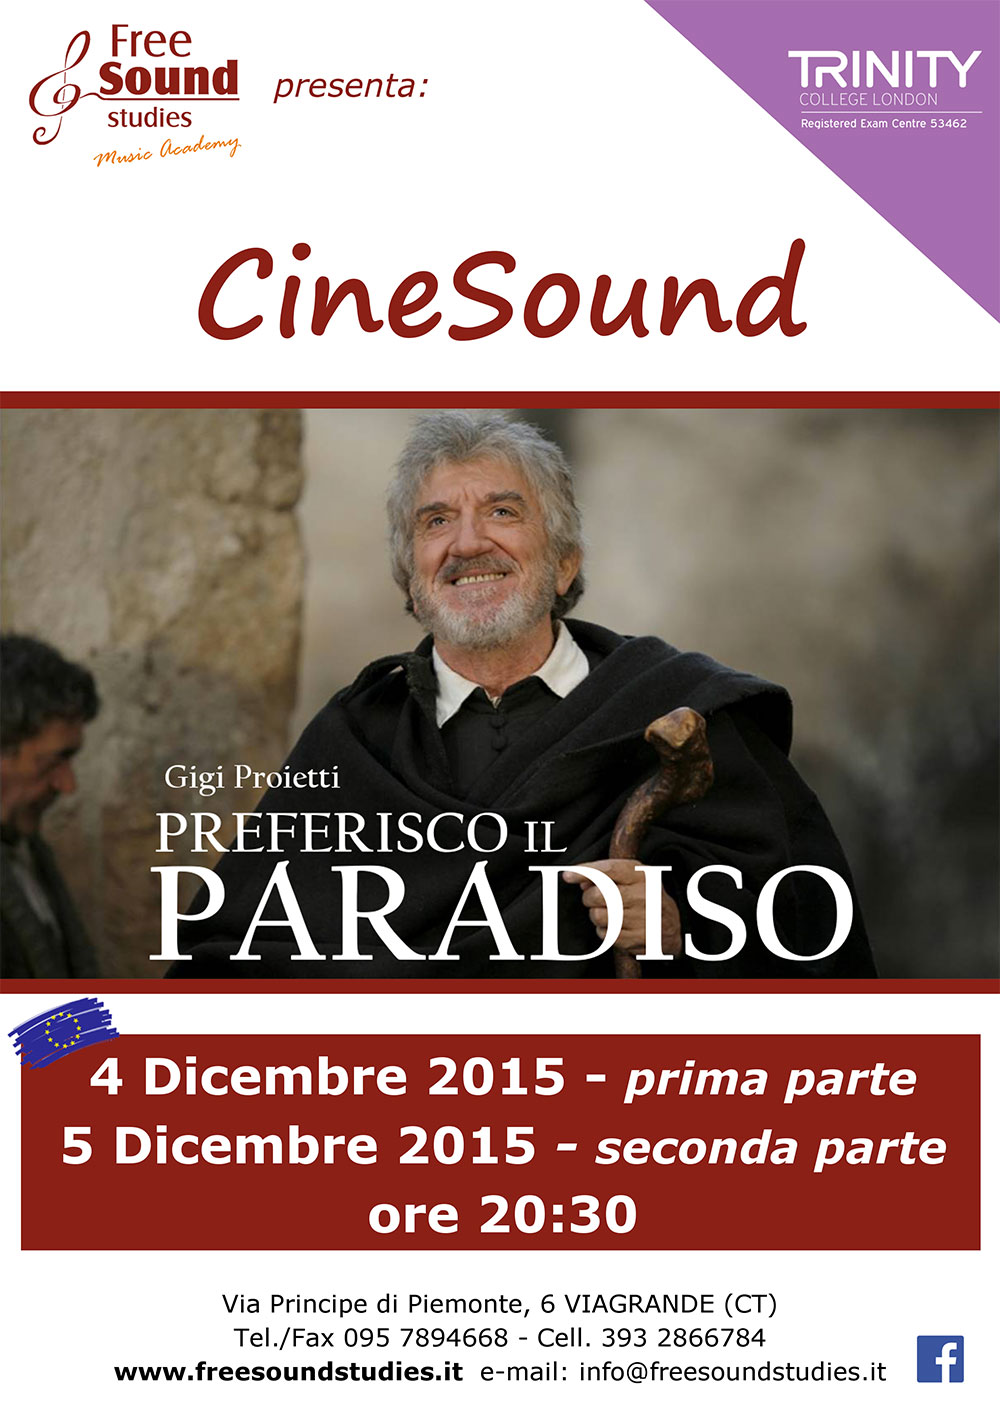 Alla Free Sound Studies di Viagrande il terzo appuntamento con CineSound